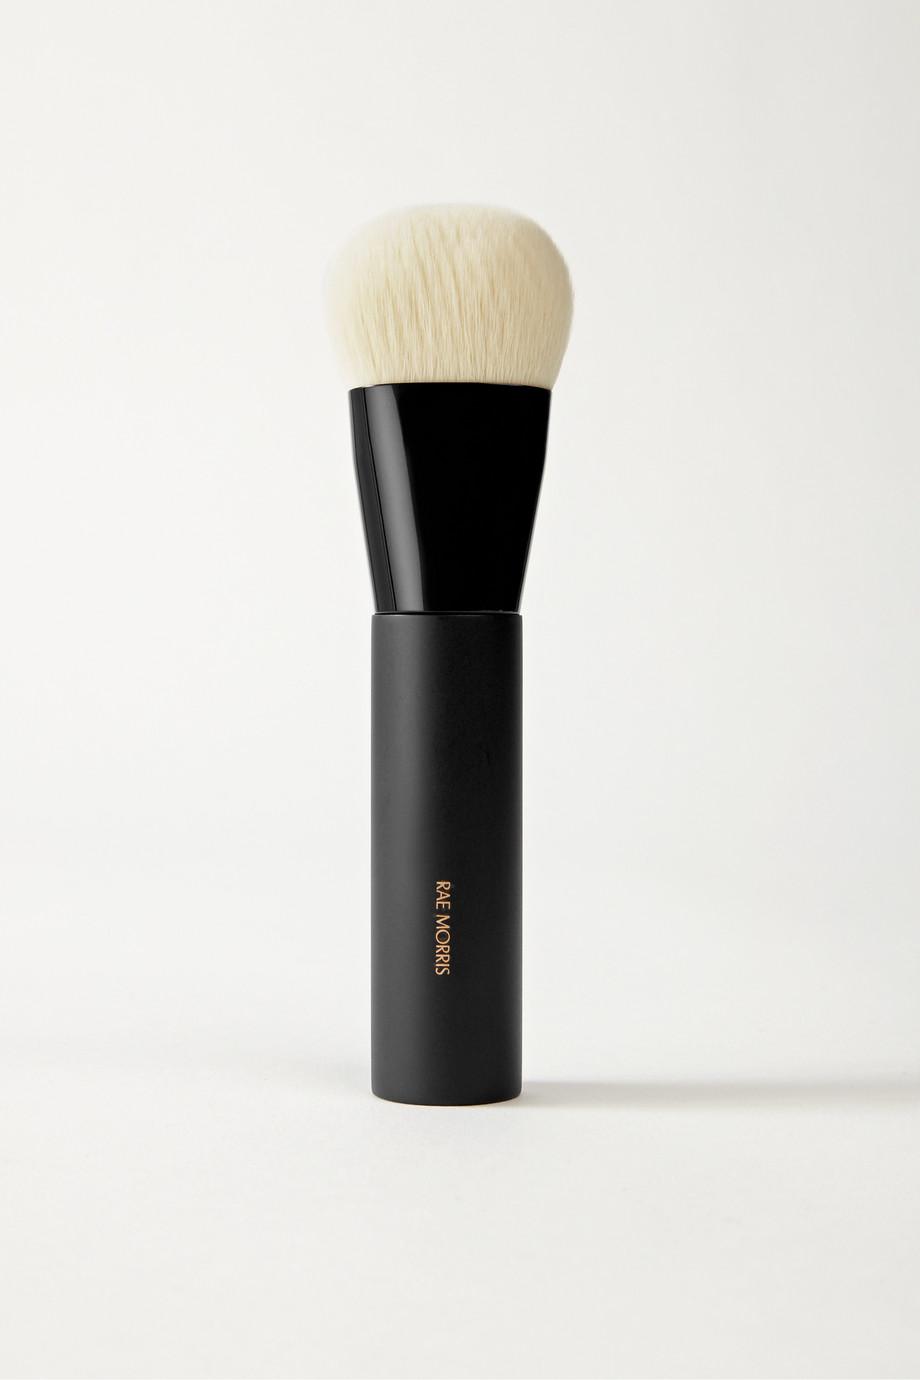 Rae Morris Jishaku 27 Mini Radiance Vegan Brush